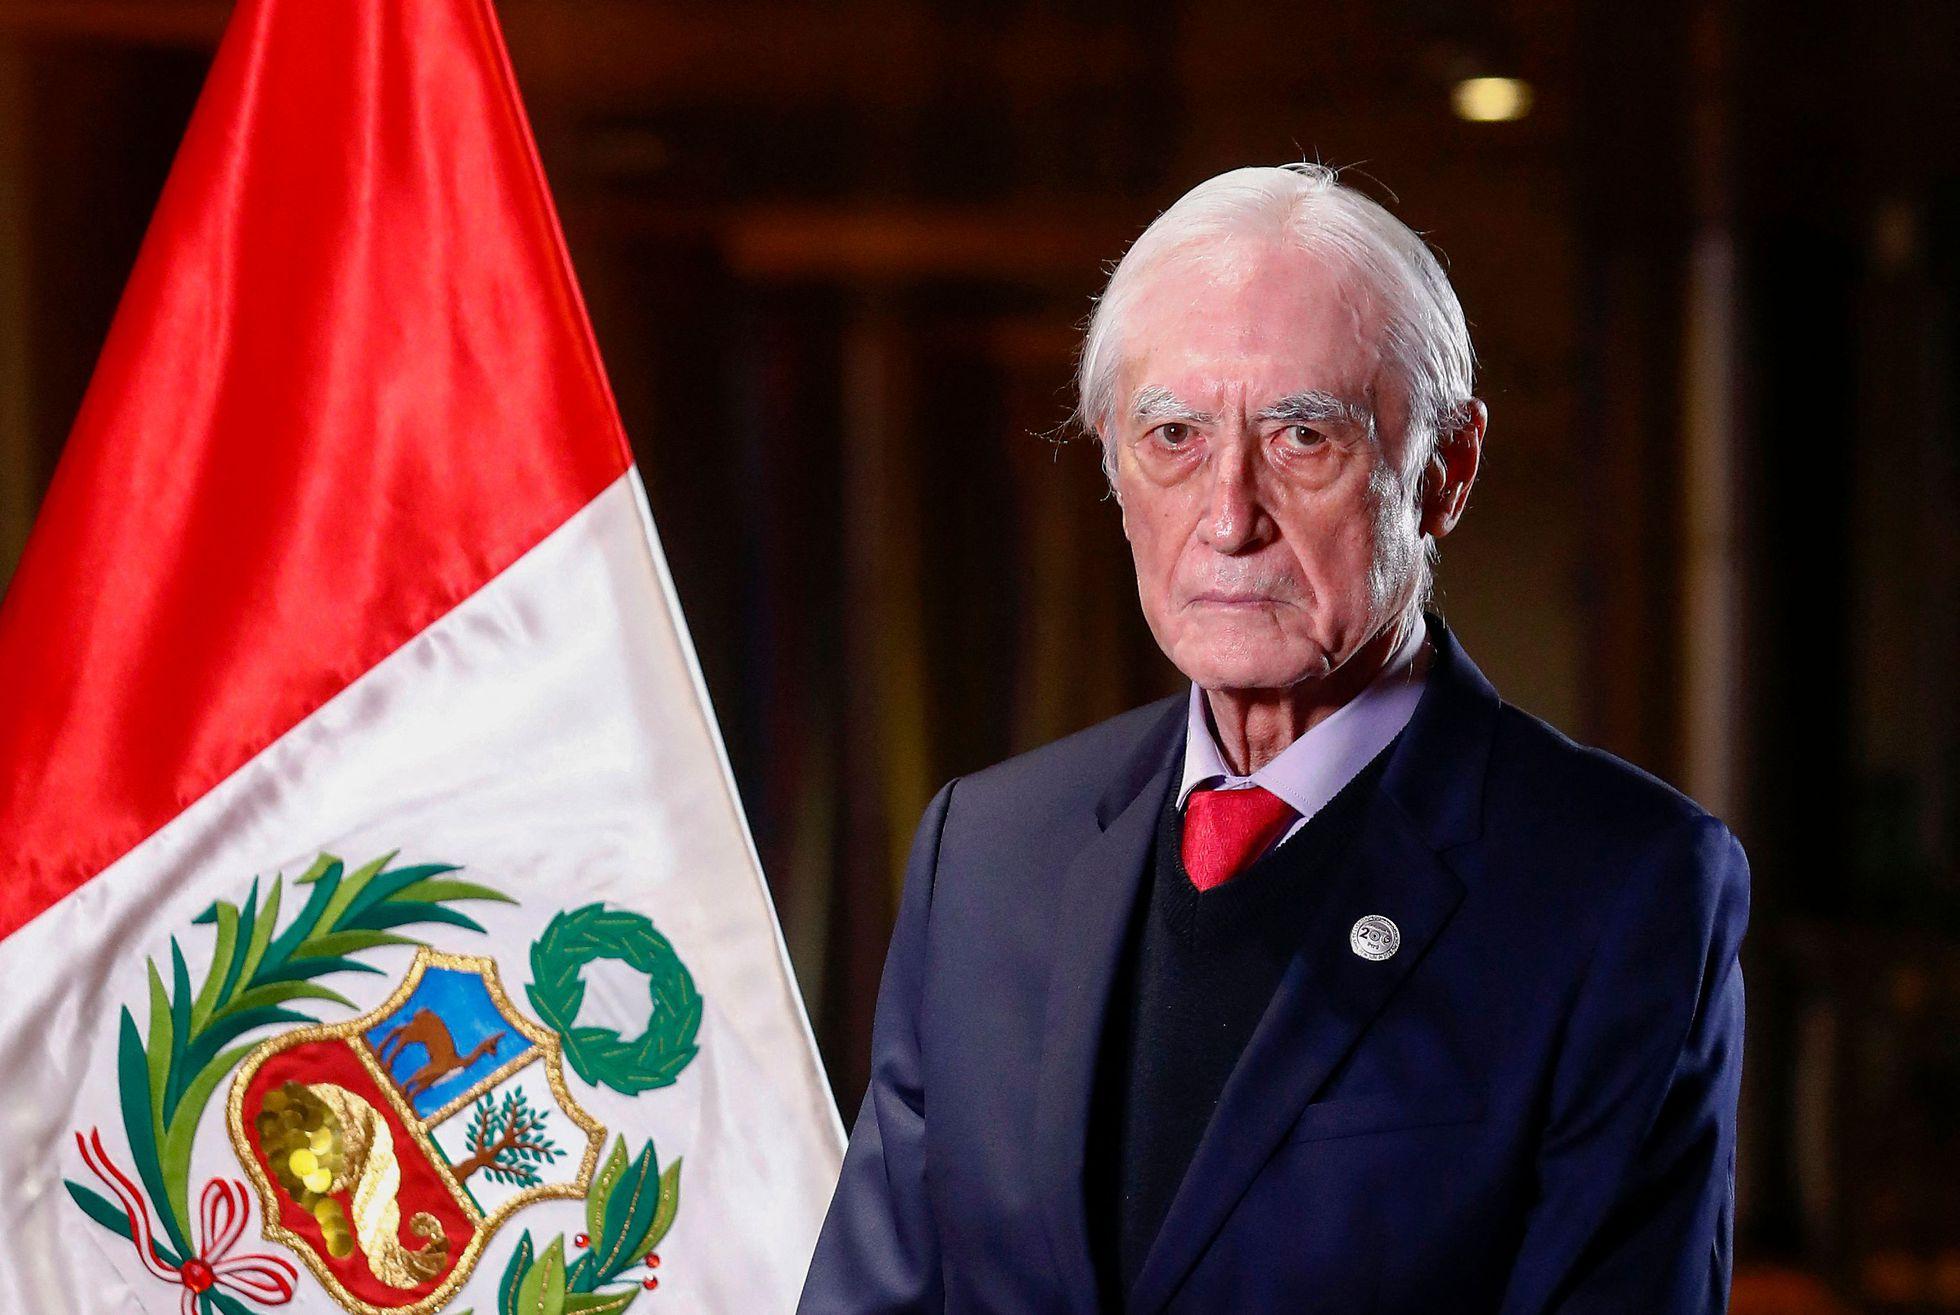 Héctor Béjar: El canciller de Pedro Castillo renuncia en Perú tras 19 días  en el cargo   Internacional   EL PAÍS